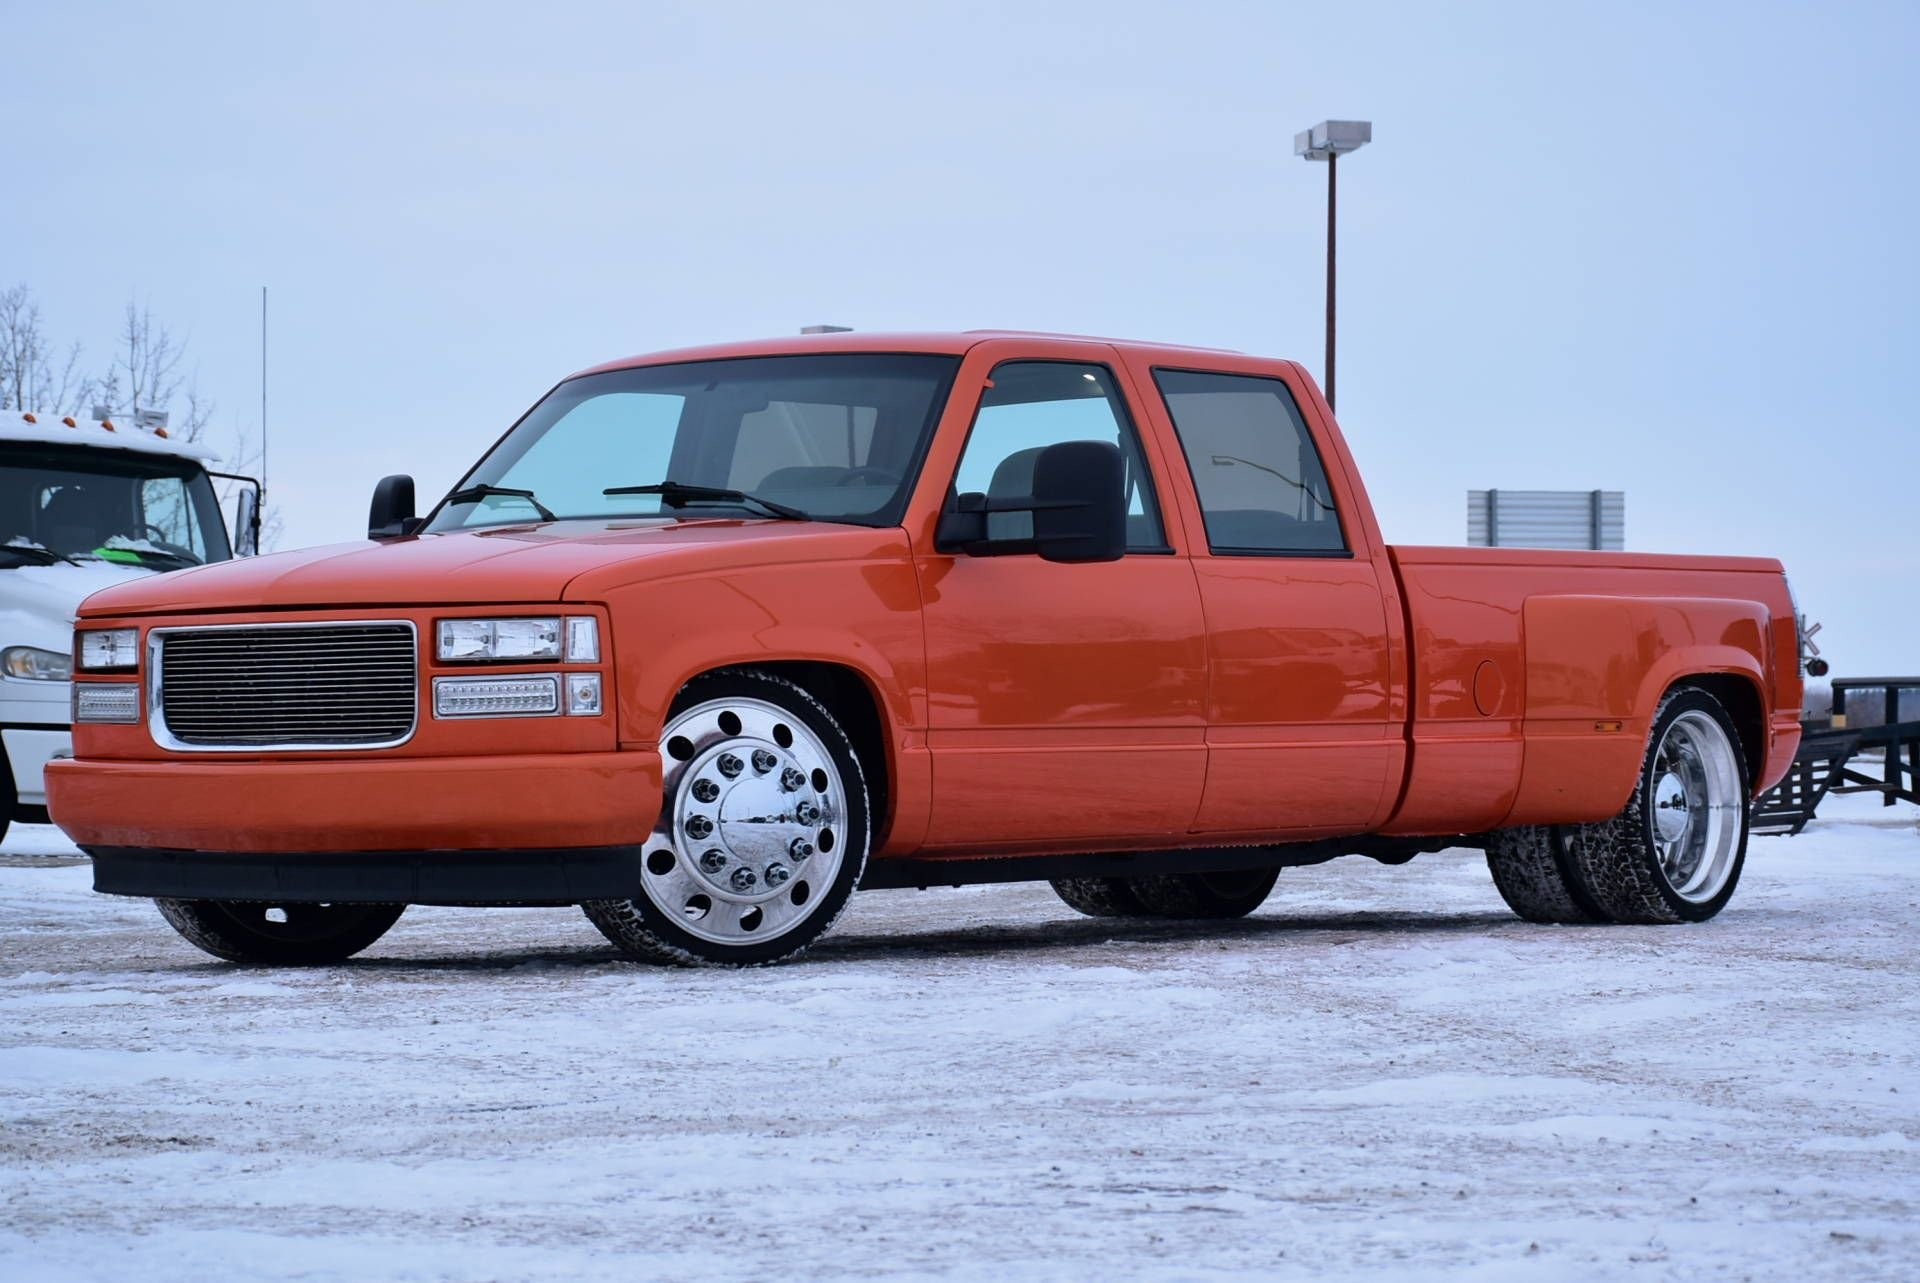 1993 chevrolet c k 3500 crew cab full custom